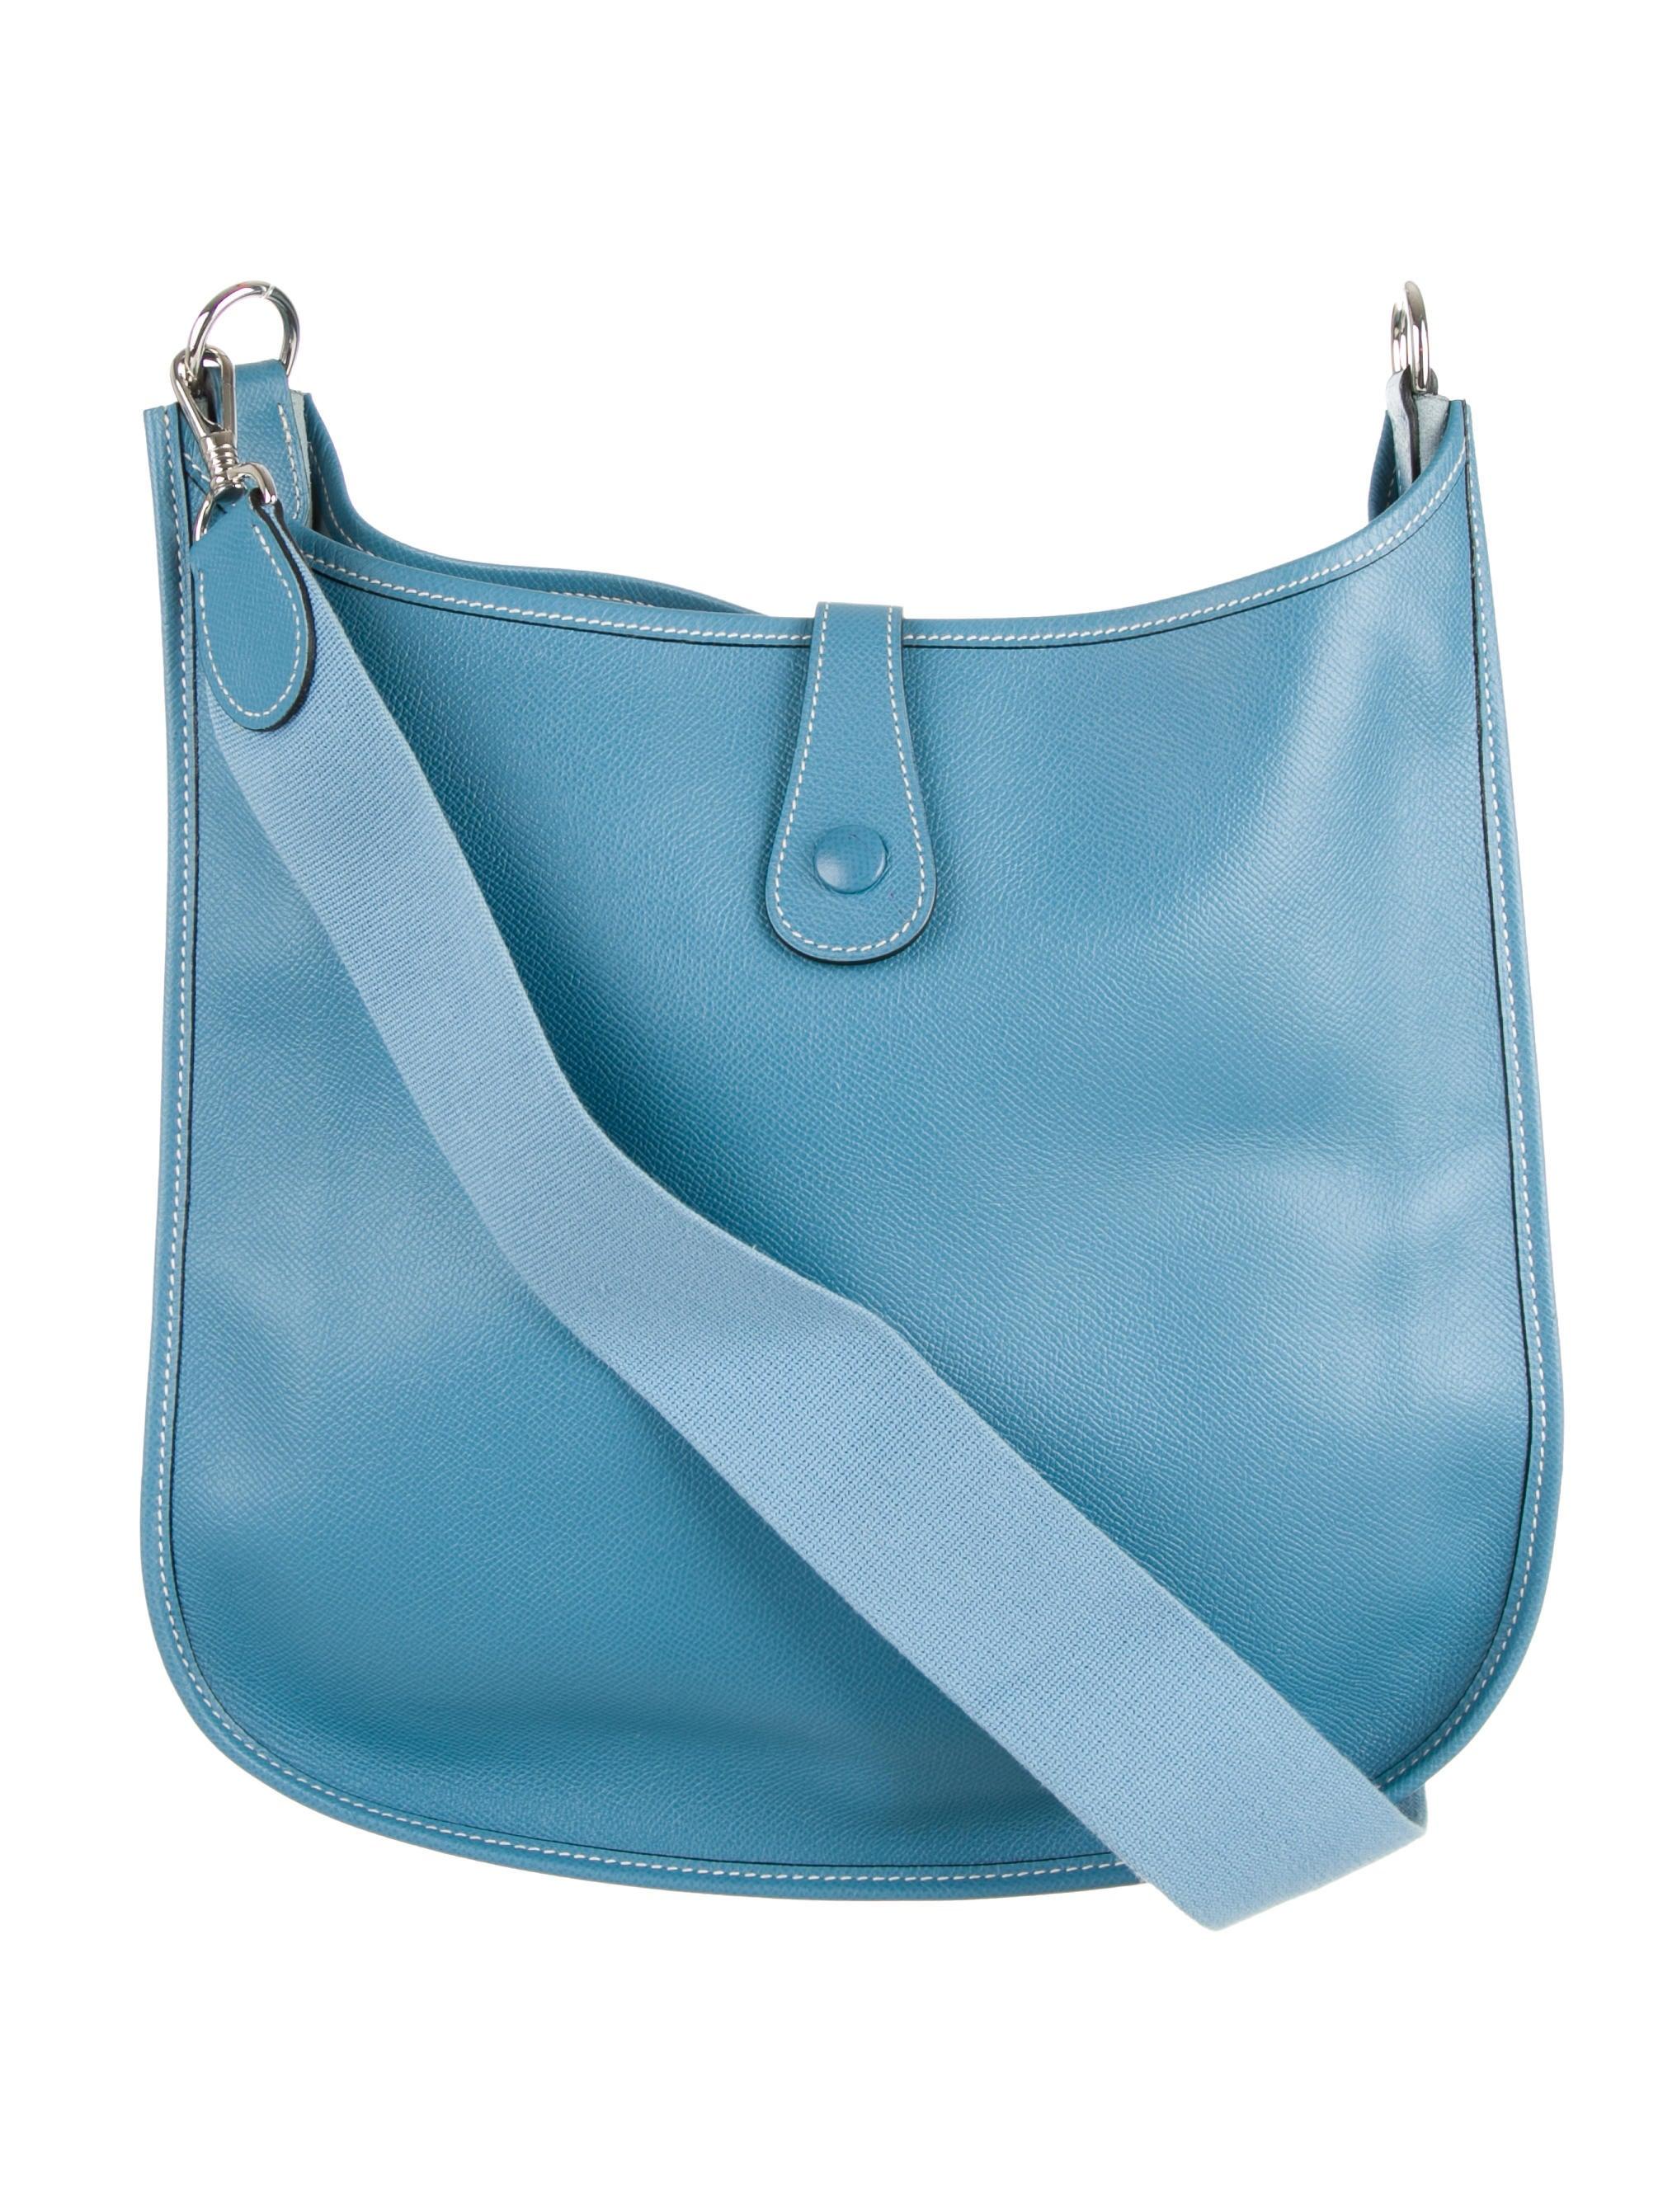 fake hermes kelly bag - hermes gulliver evelyne gm, where can i sell my hermes bag